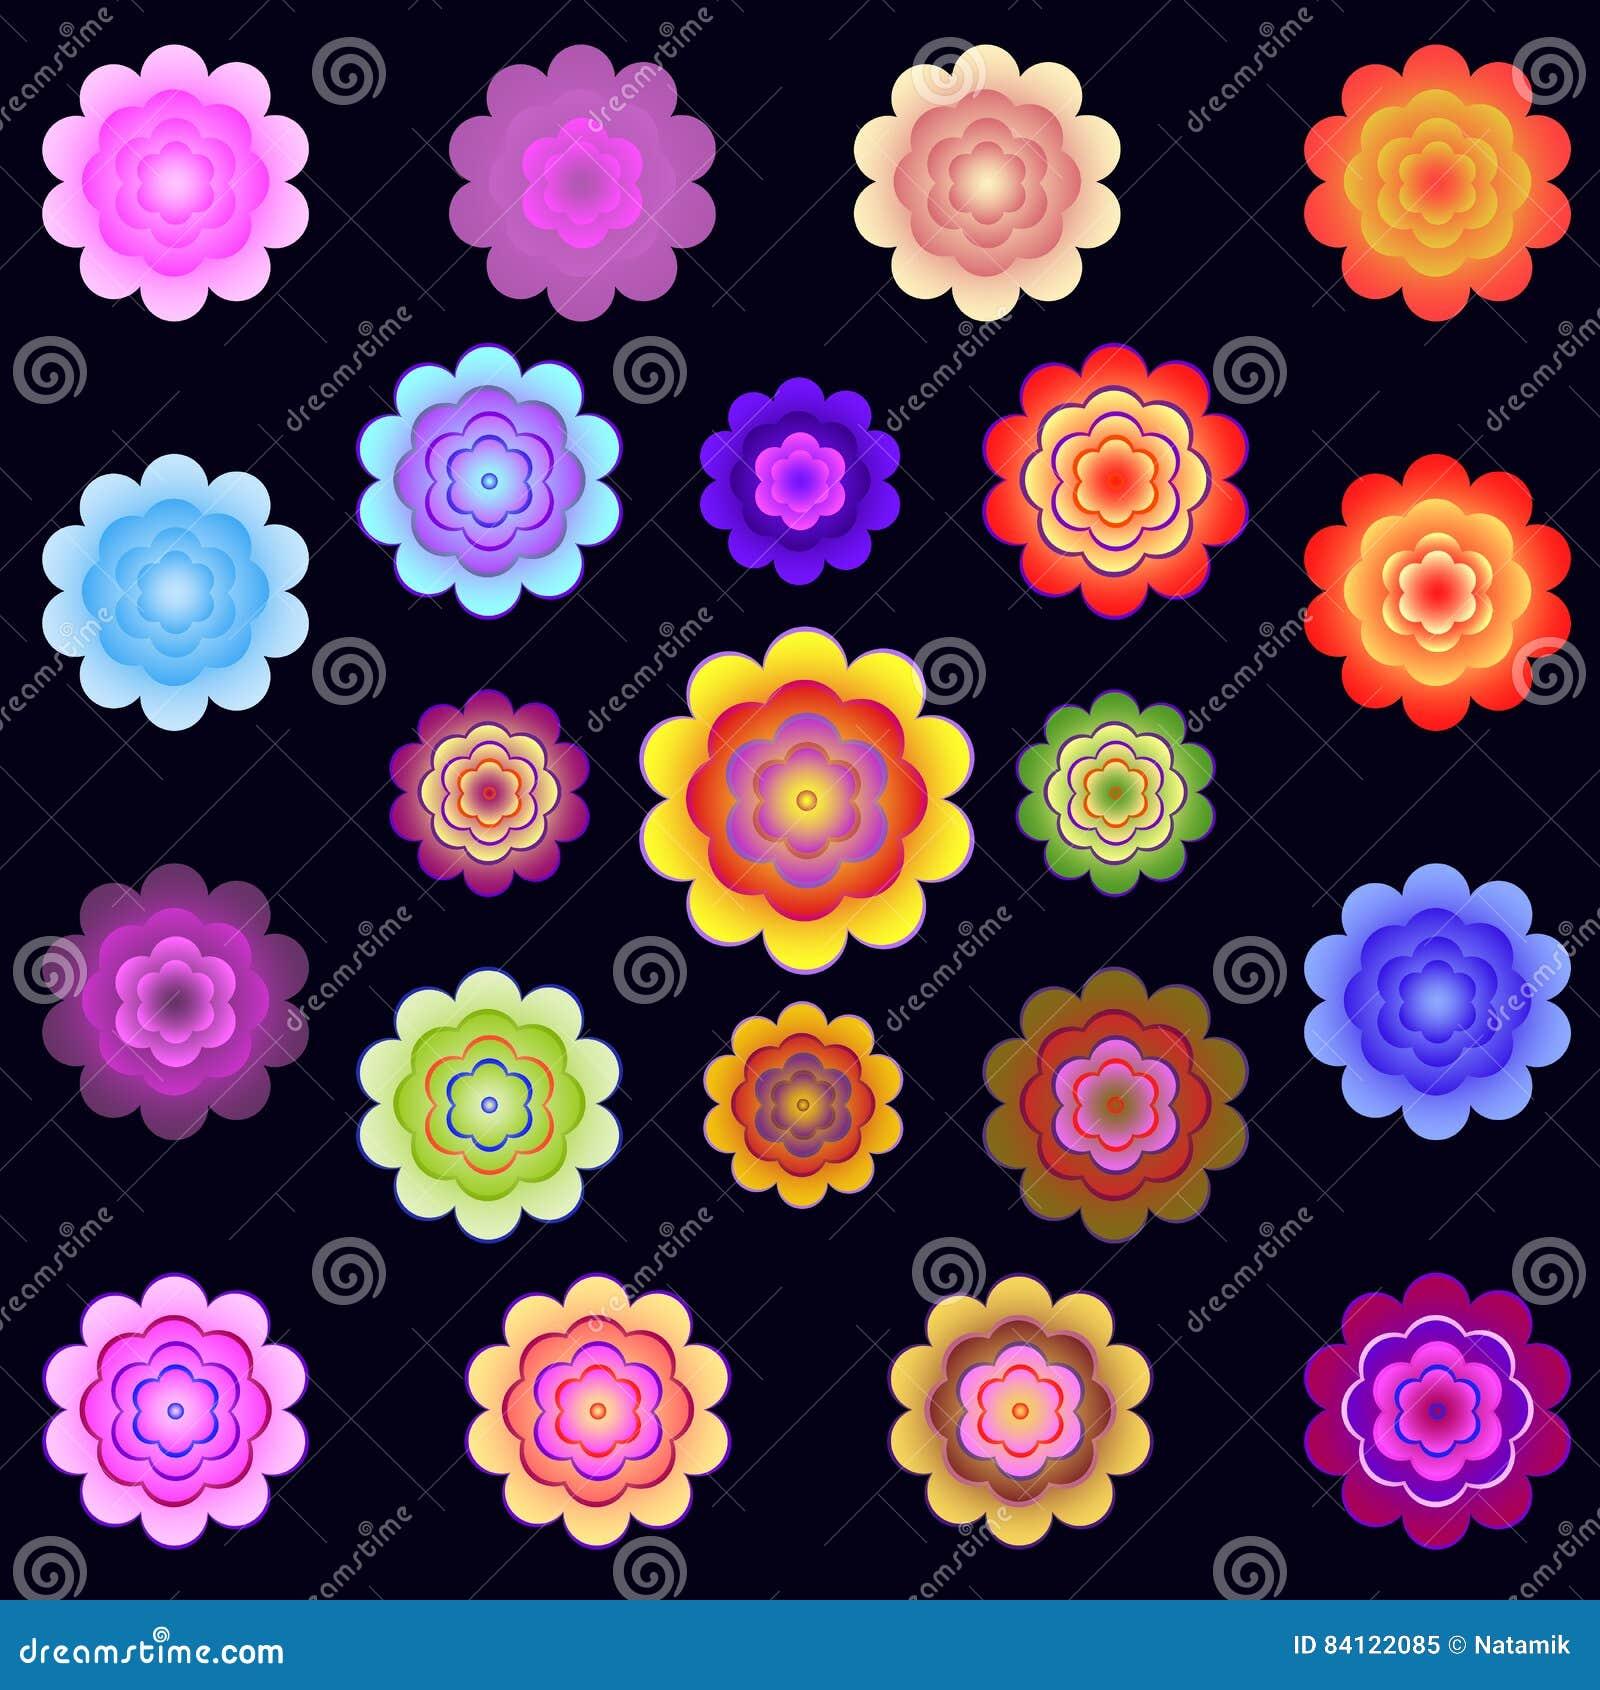 Modelli dei fiori stilizzati colorati luminosi for Fiori stilizzati colorati